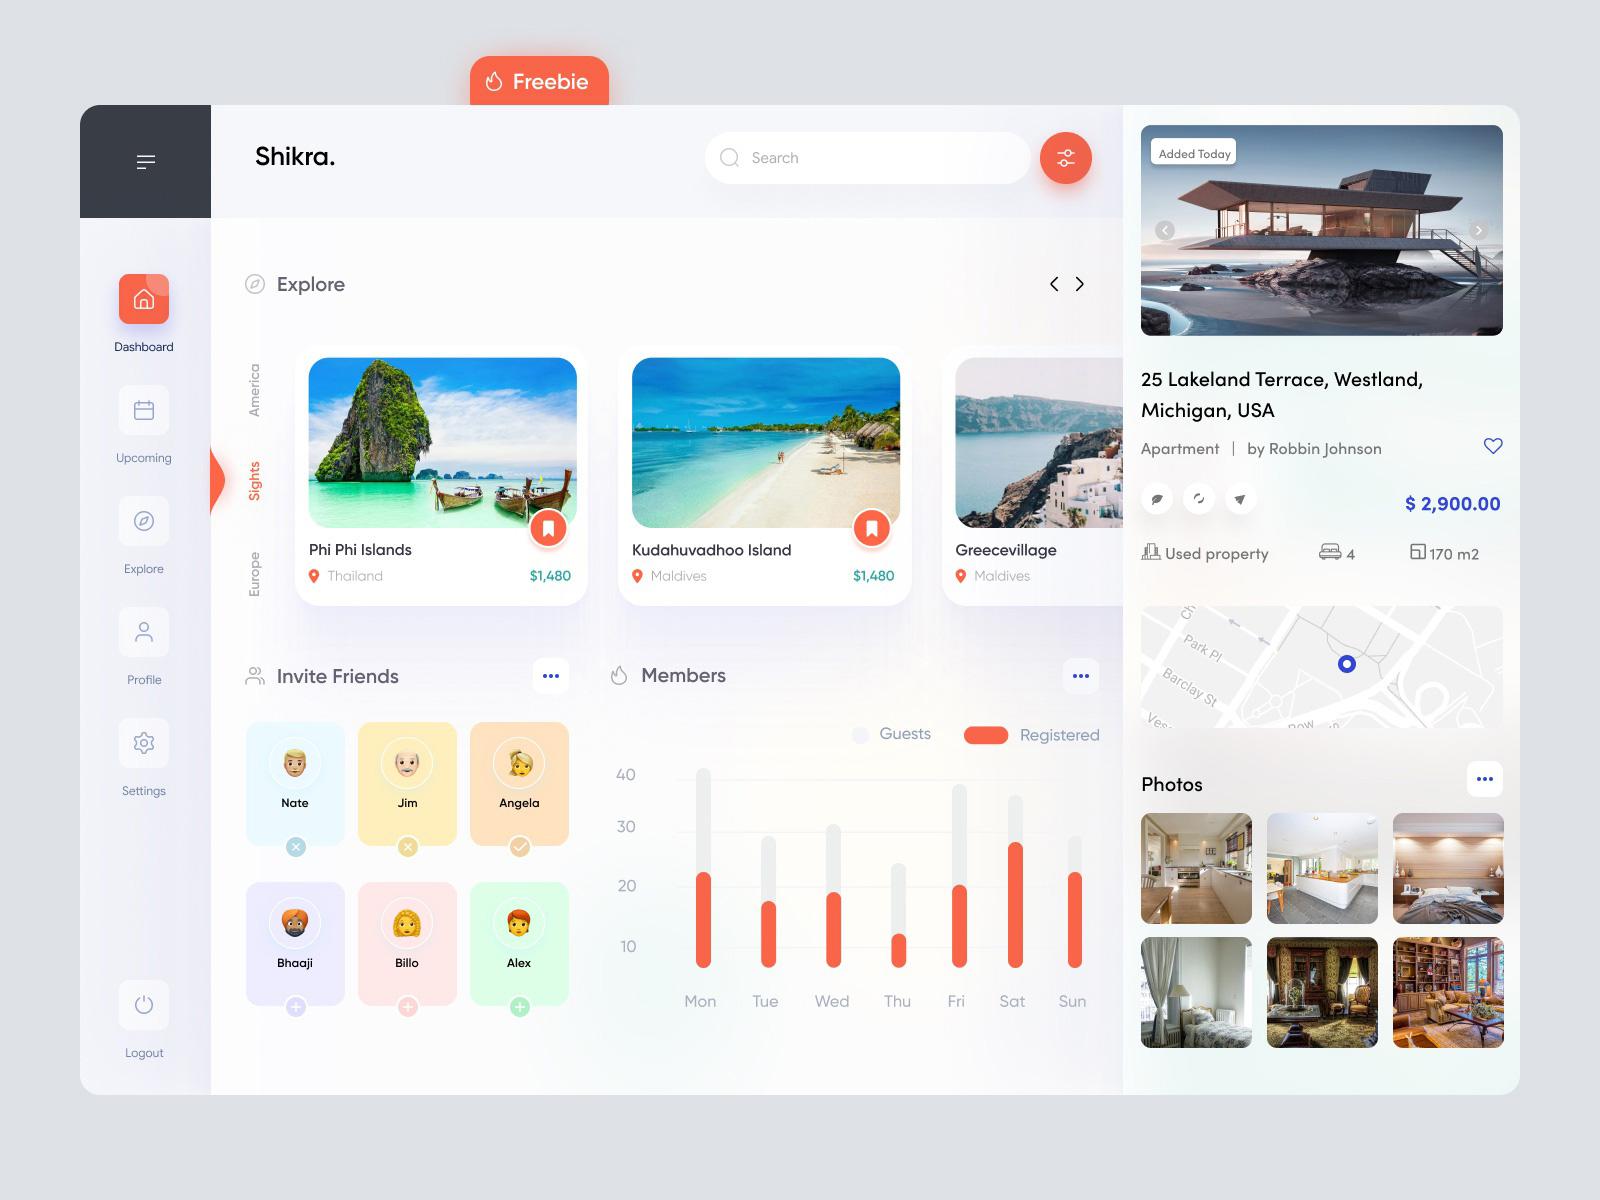 旅游仪表盘用户界面概念设计免费模板插图